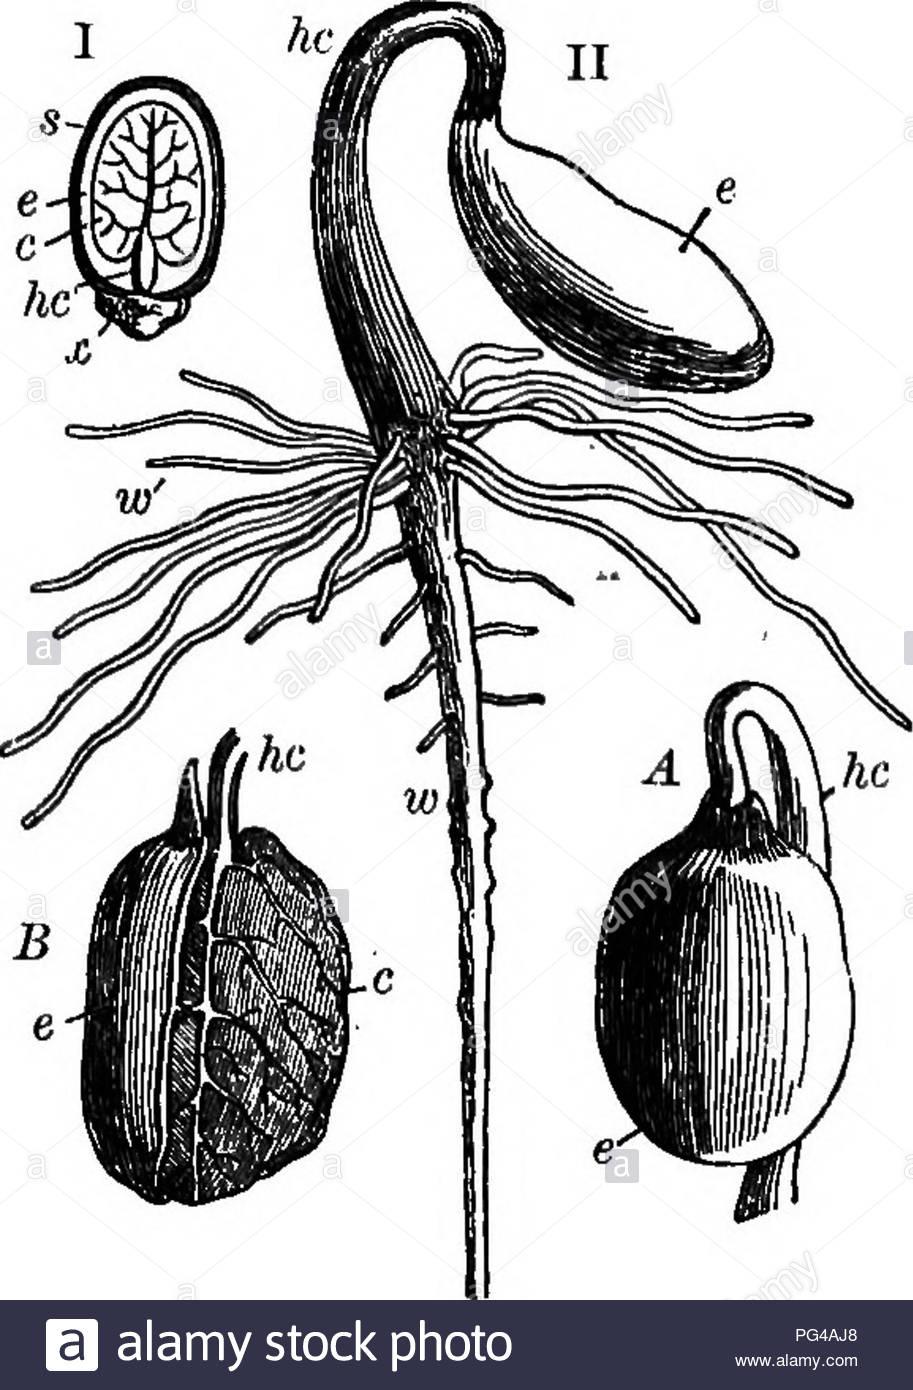 caulicle